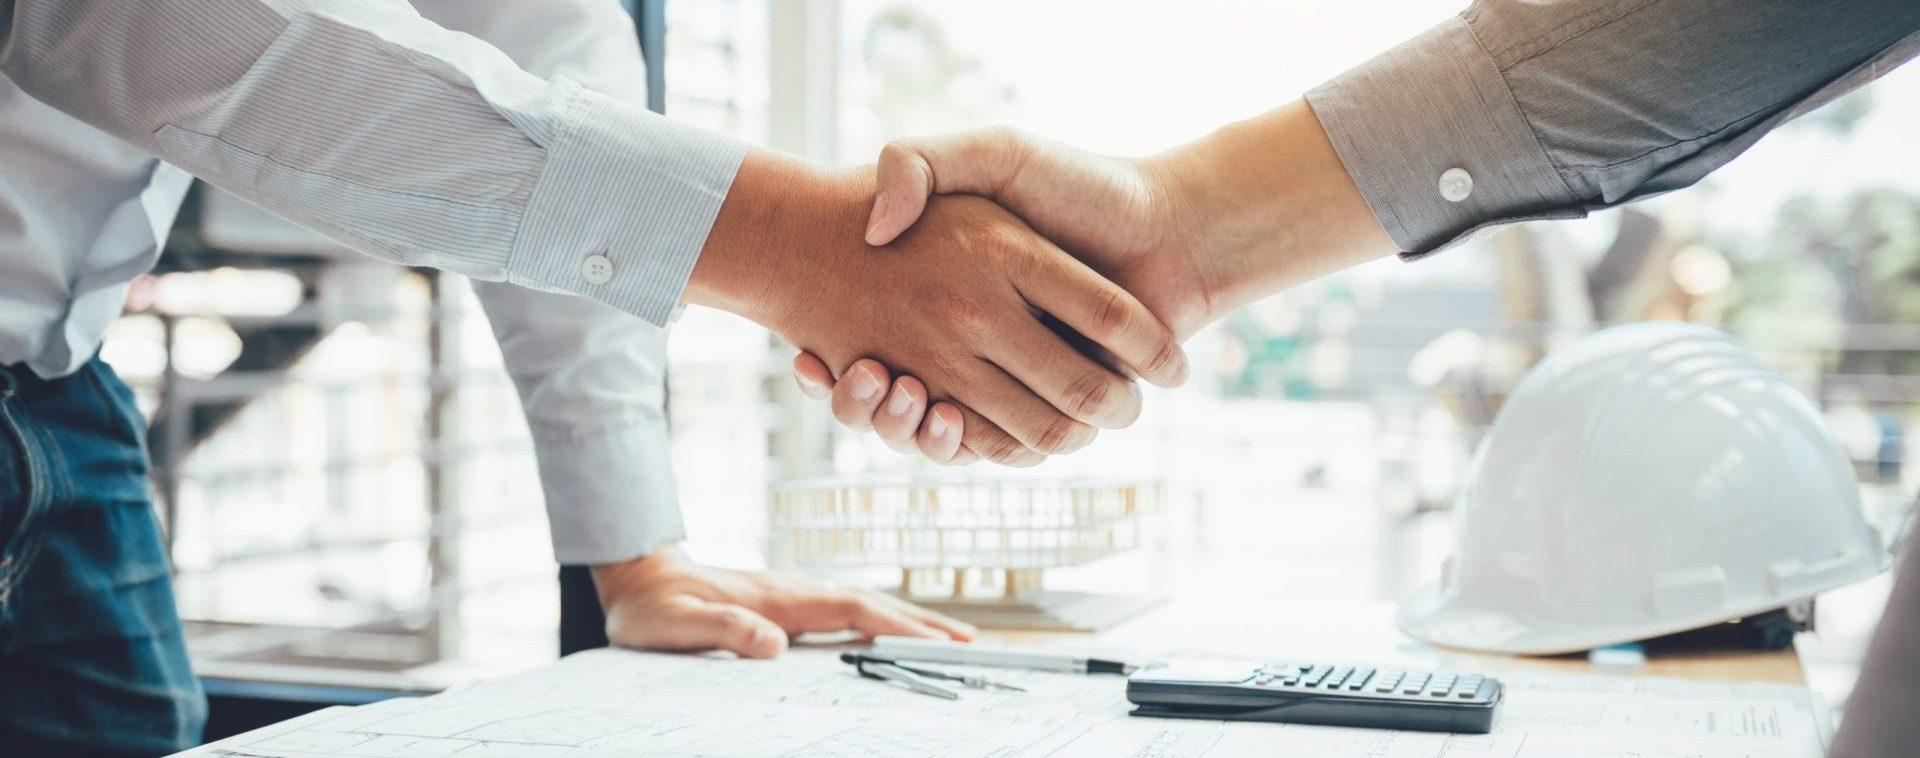 Partner für zukunftsfähige Immobilien